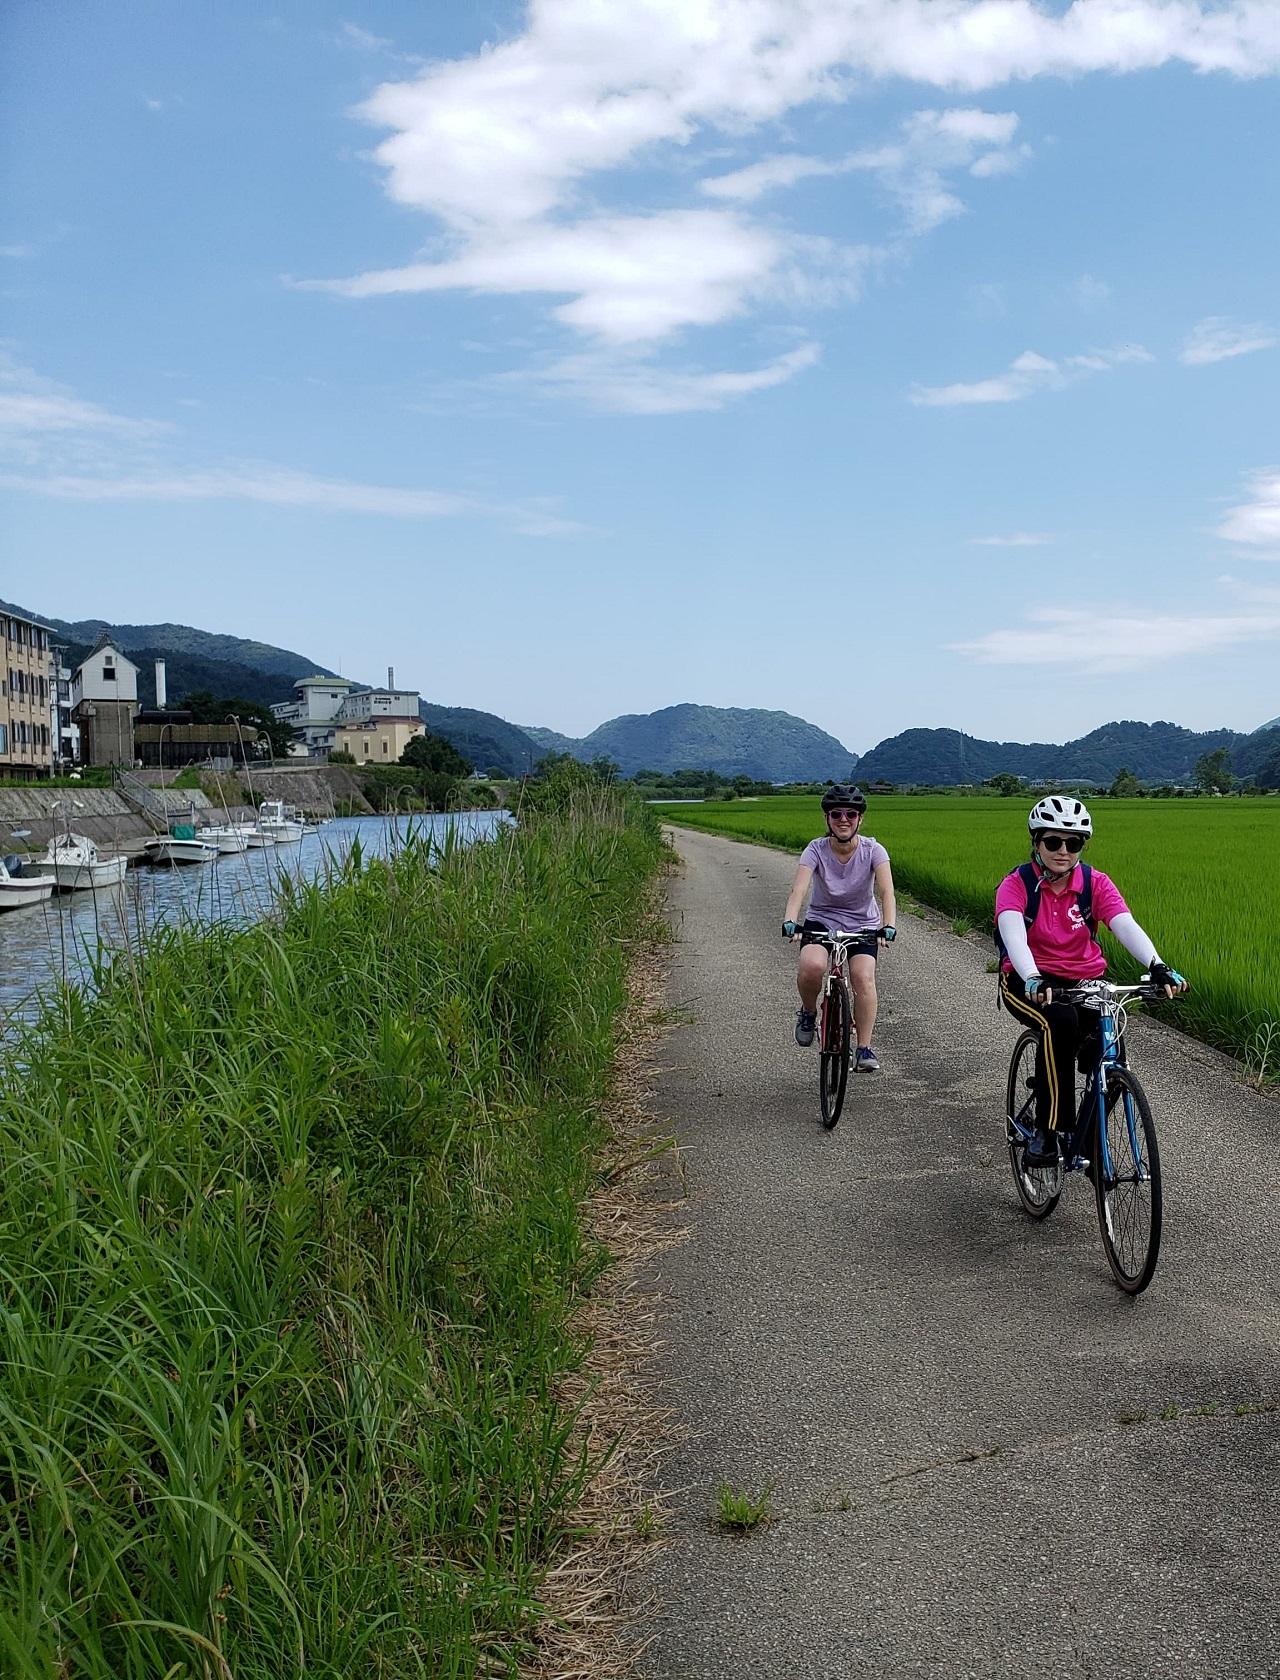 ปั่นจักรยาน แม่น้ำมารุยามะ